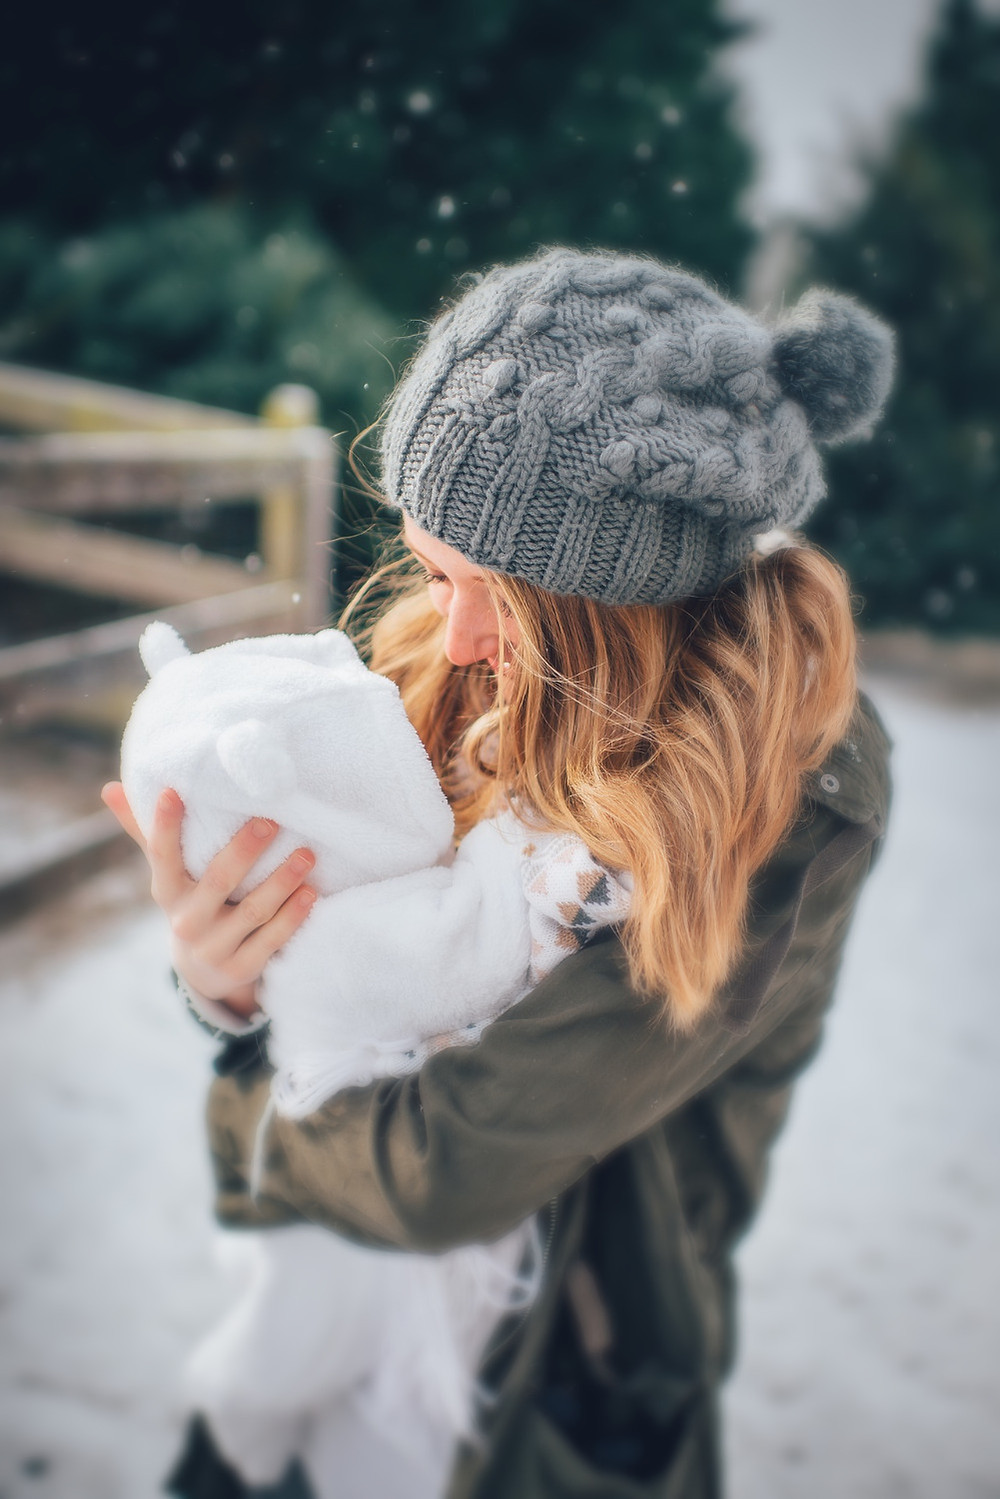 Mit Baby durch den Winter. Quelle: www.pixabay.de